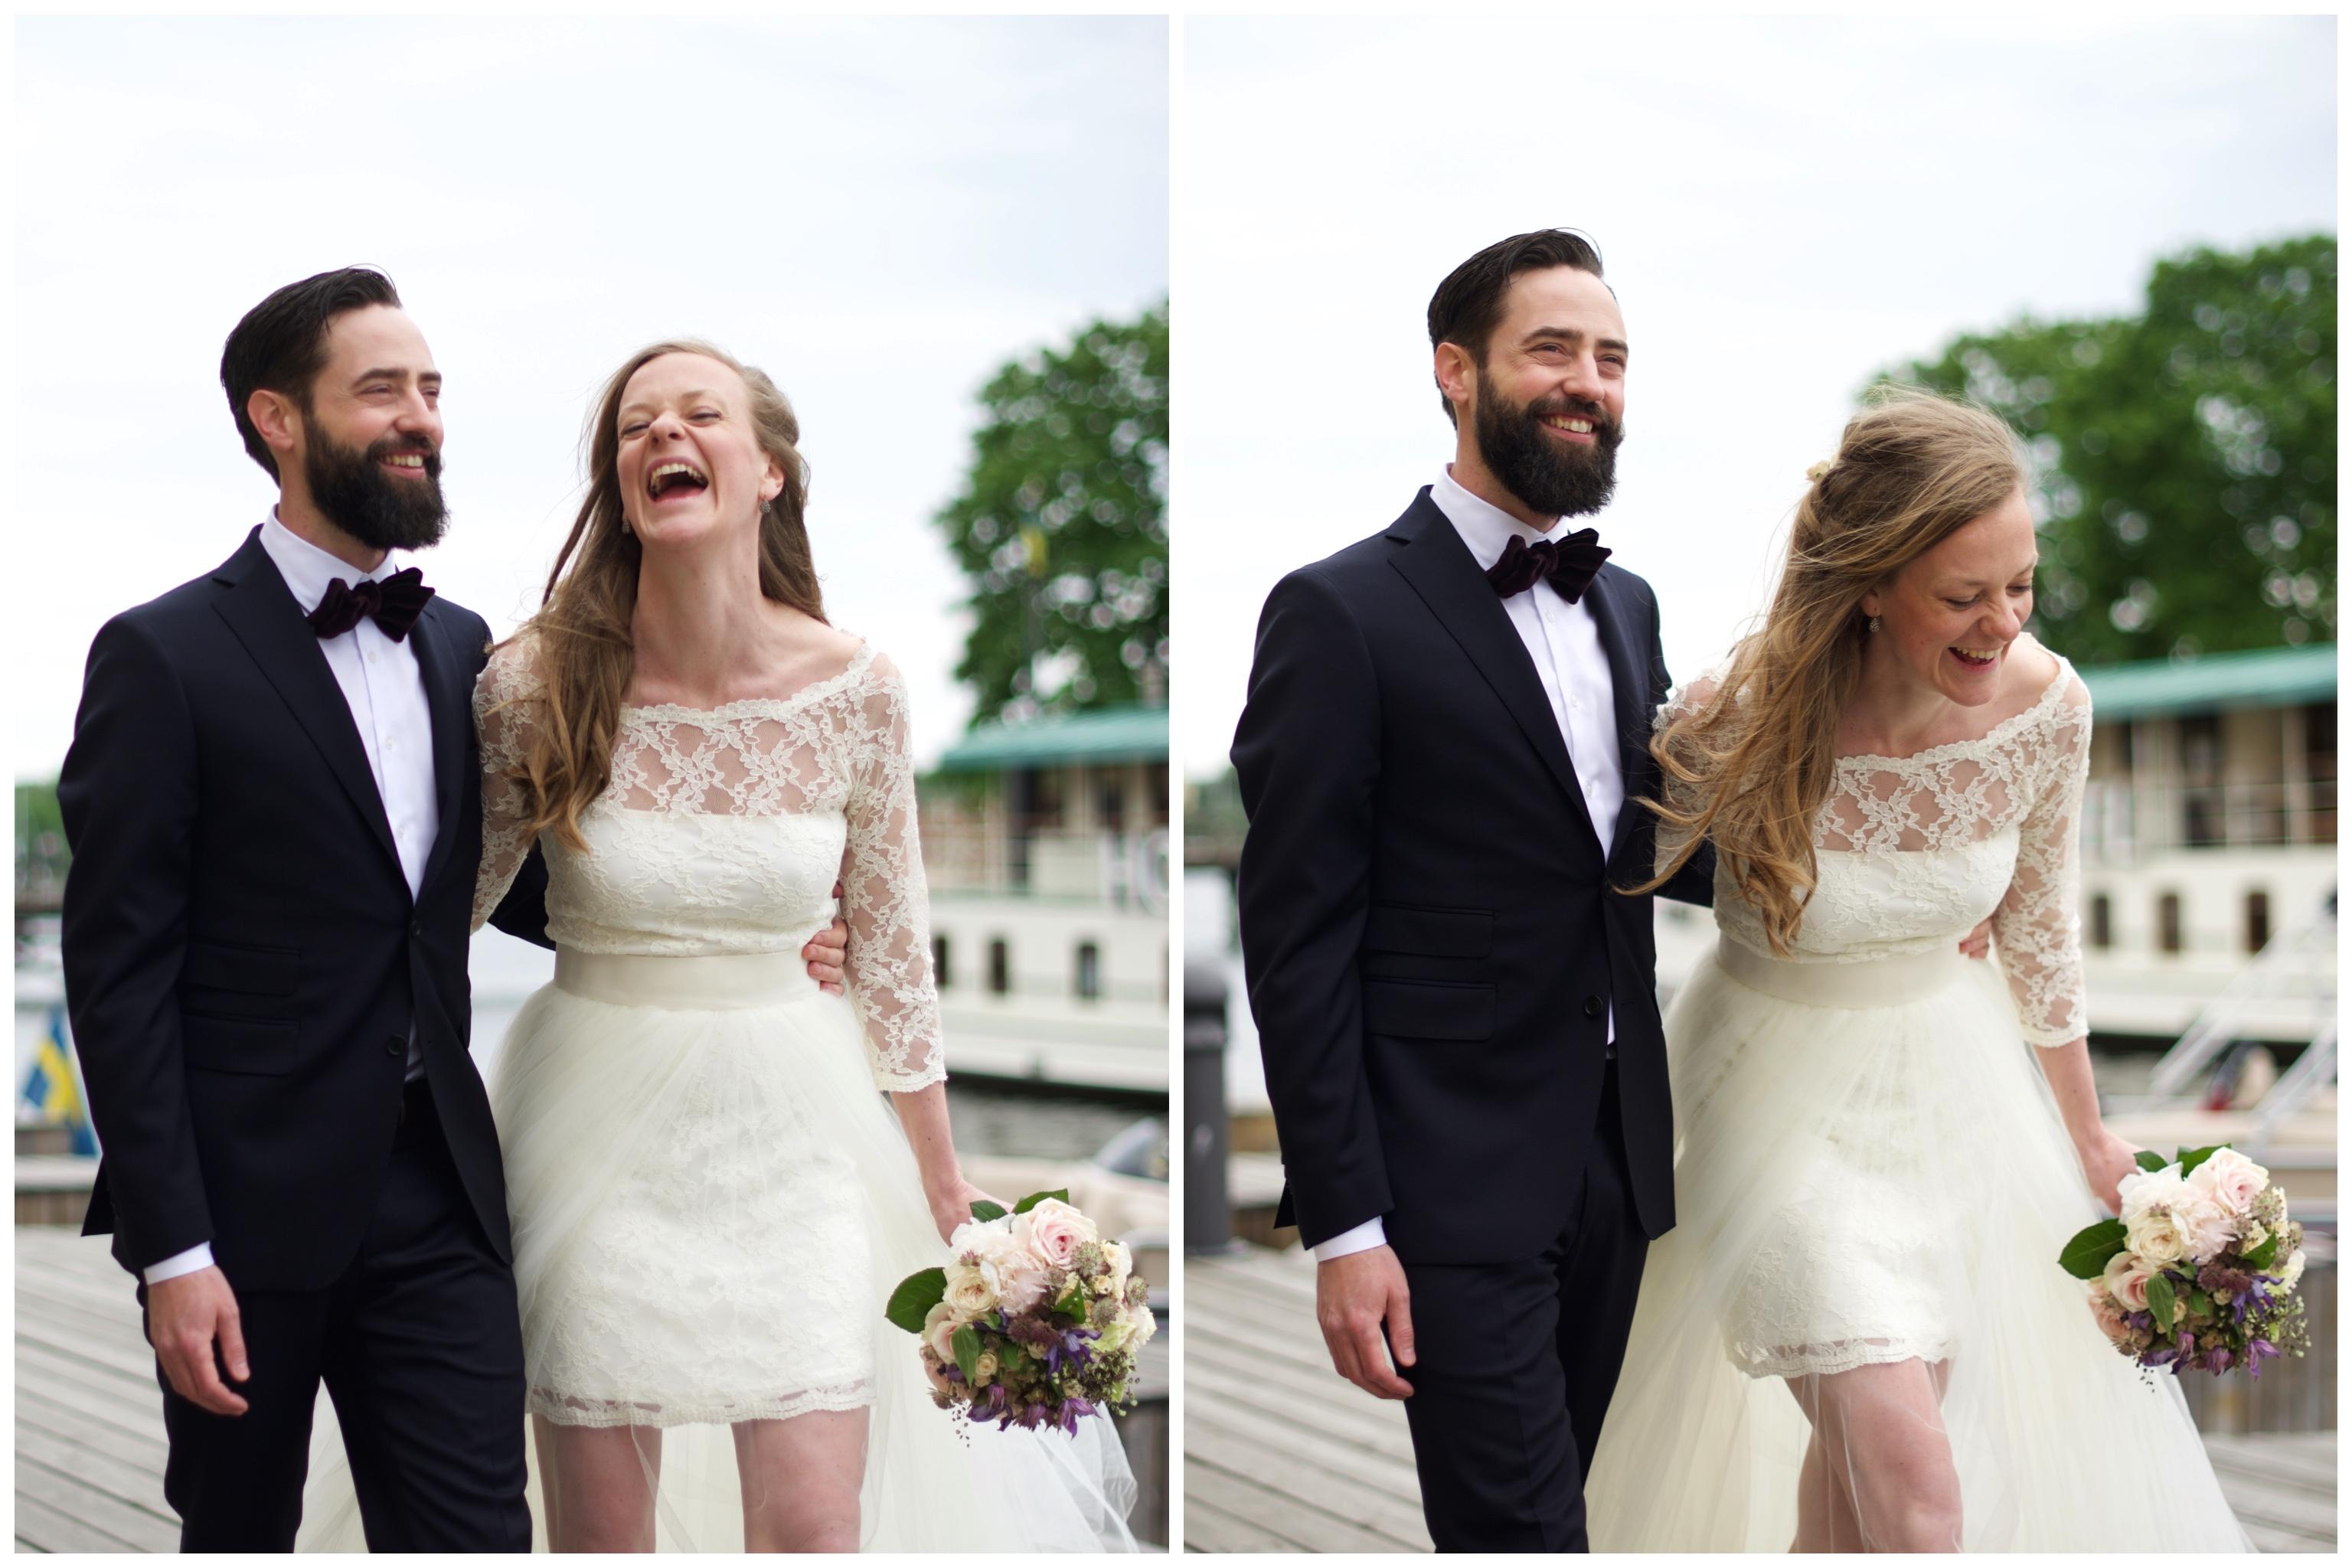 Bröllop på Oaxen med fotografering på bryggan utanför. Fotograf Erika Aminoff